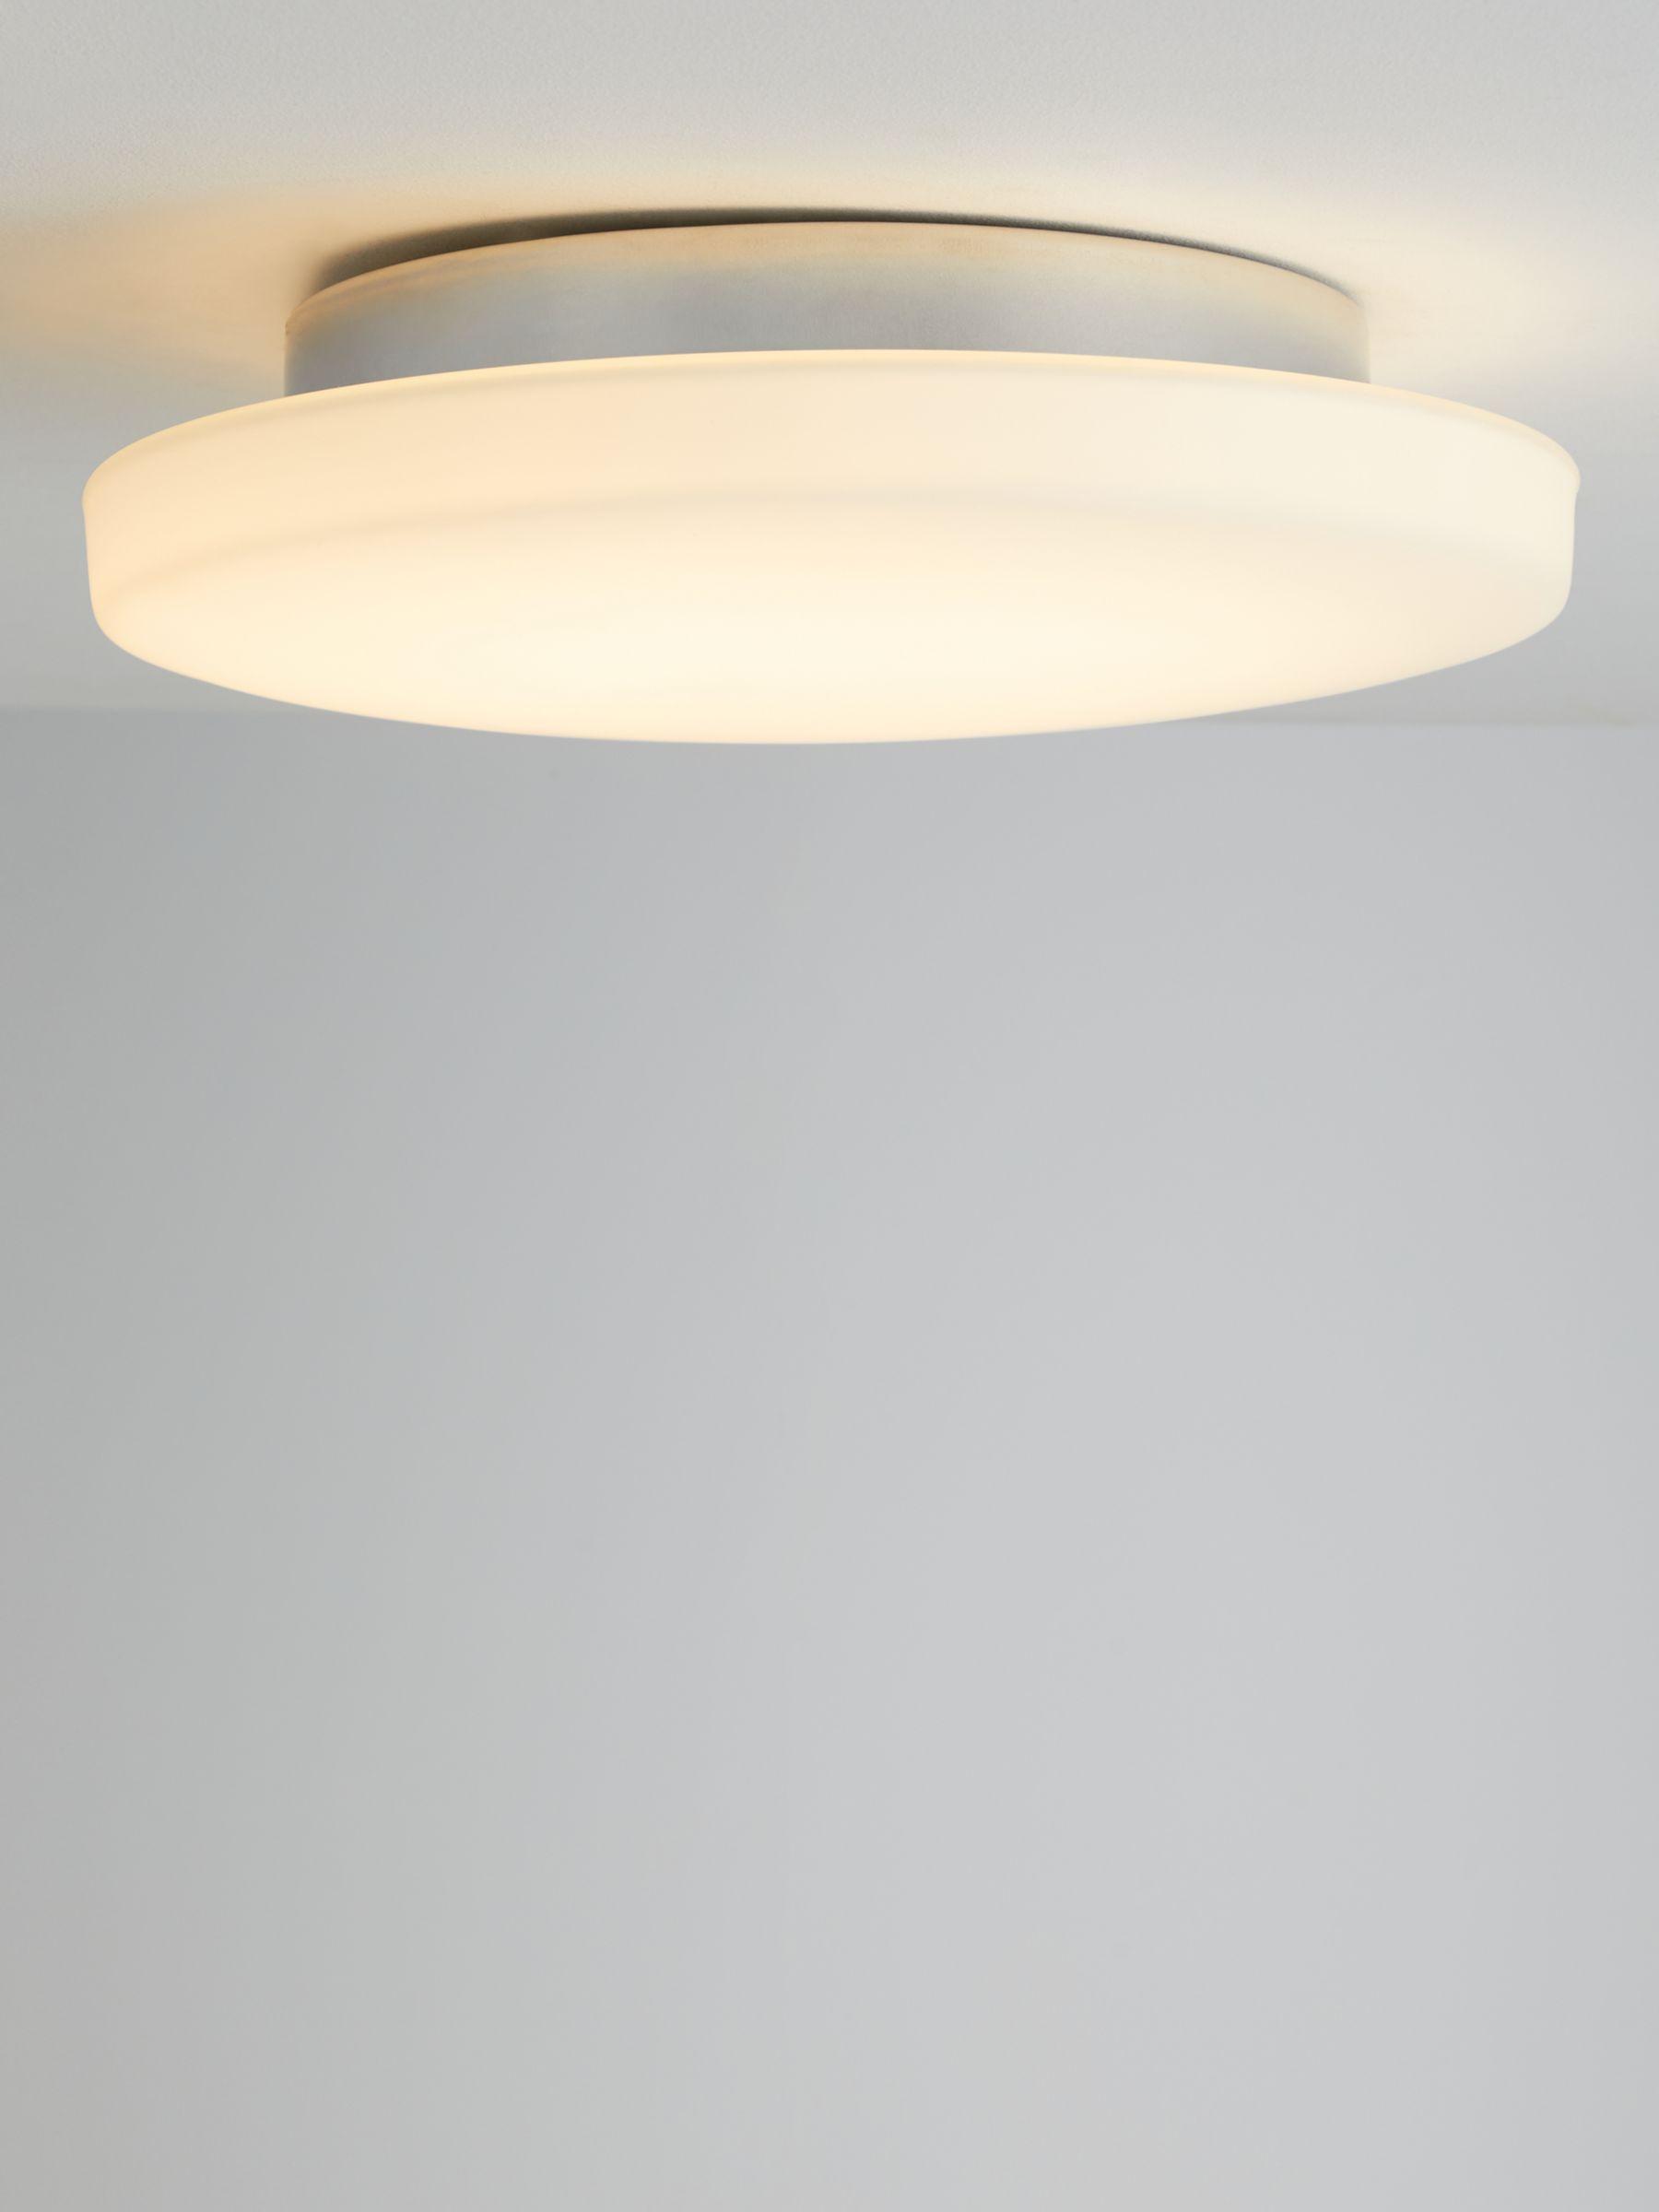 John Lewis Partners Moonbeam Led Flush Bathroom Ceiling Light White At John Lewis Partners